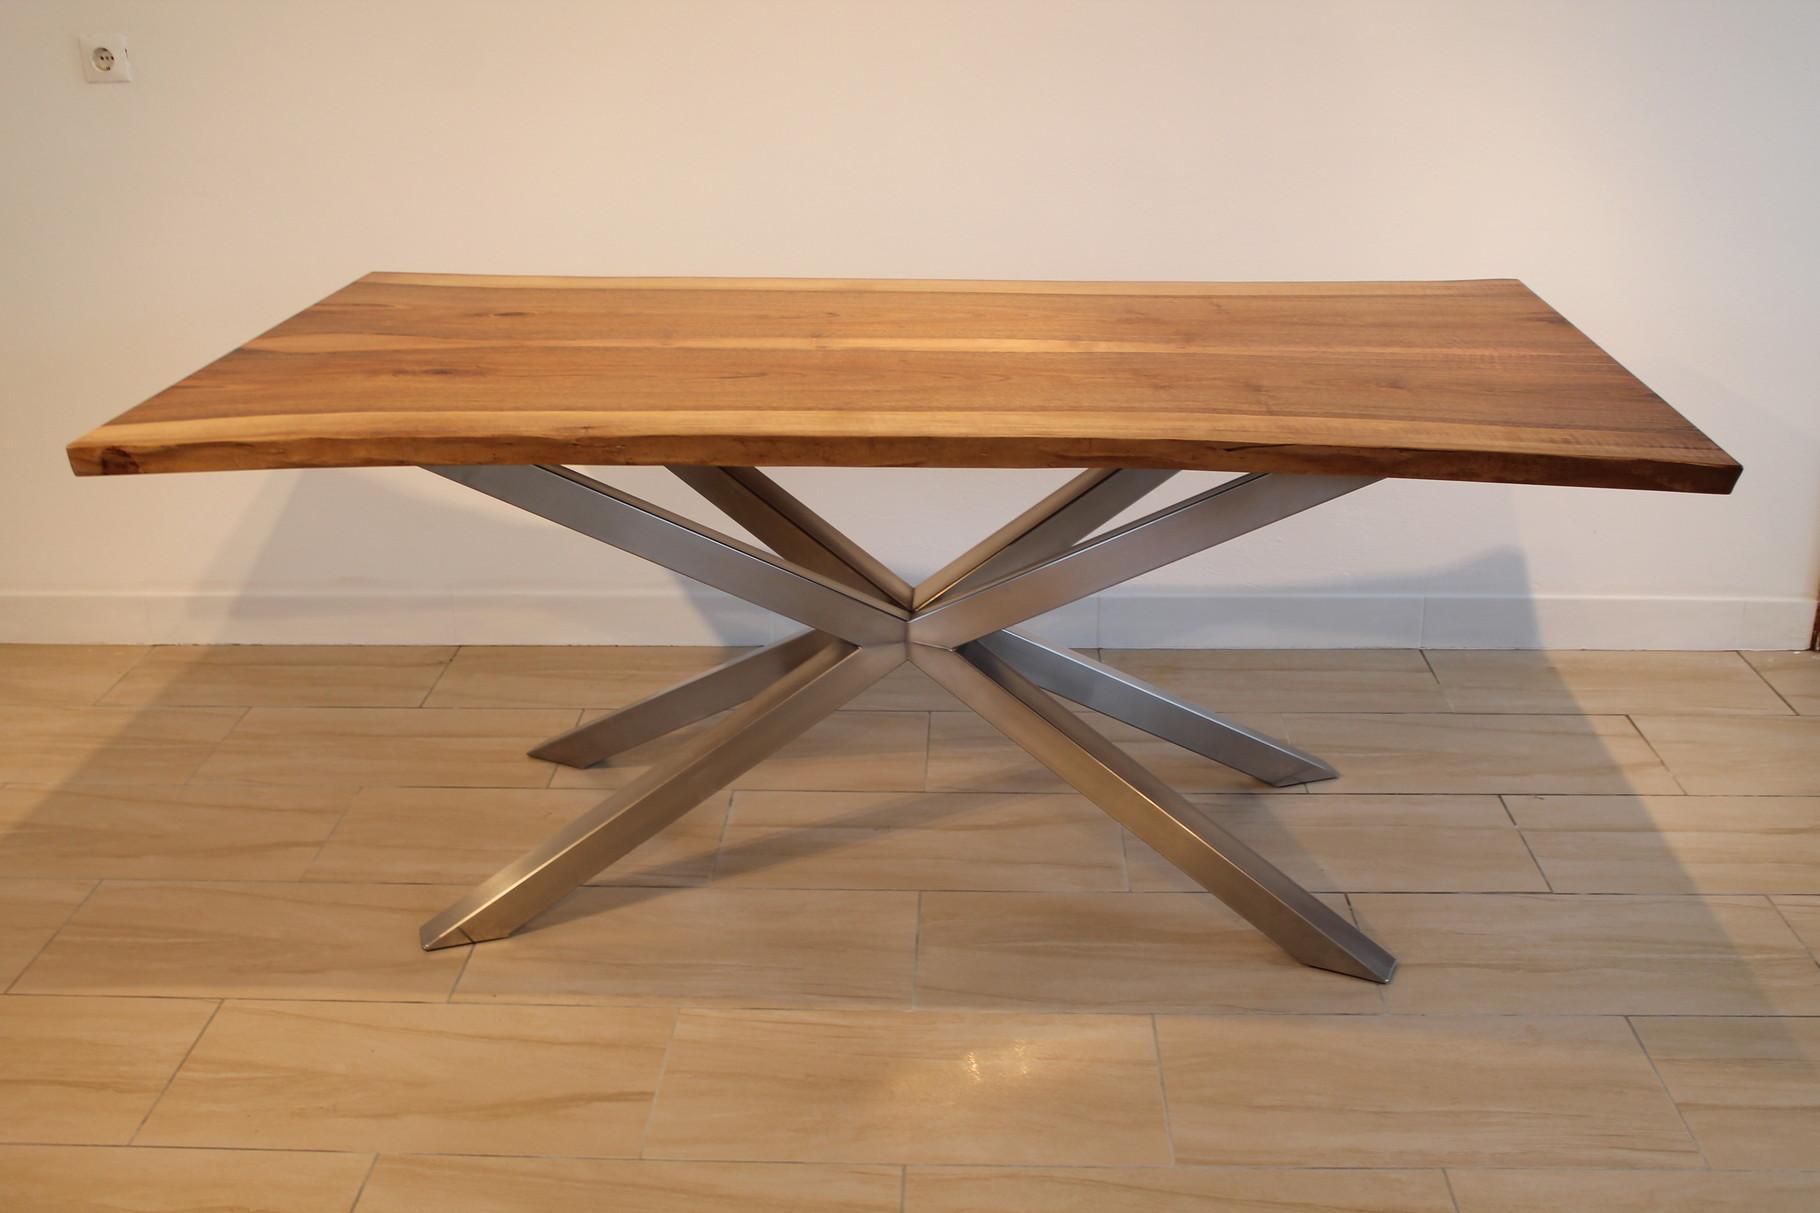 Tische designschreiner artofwood m beldesign for Design tisch edelstahl